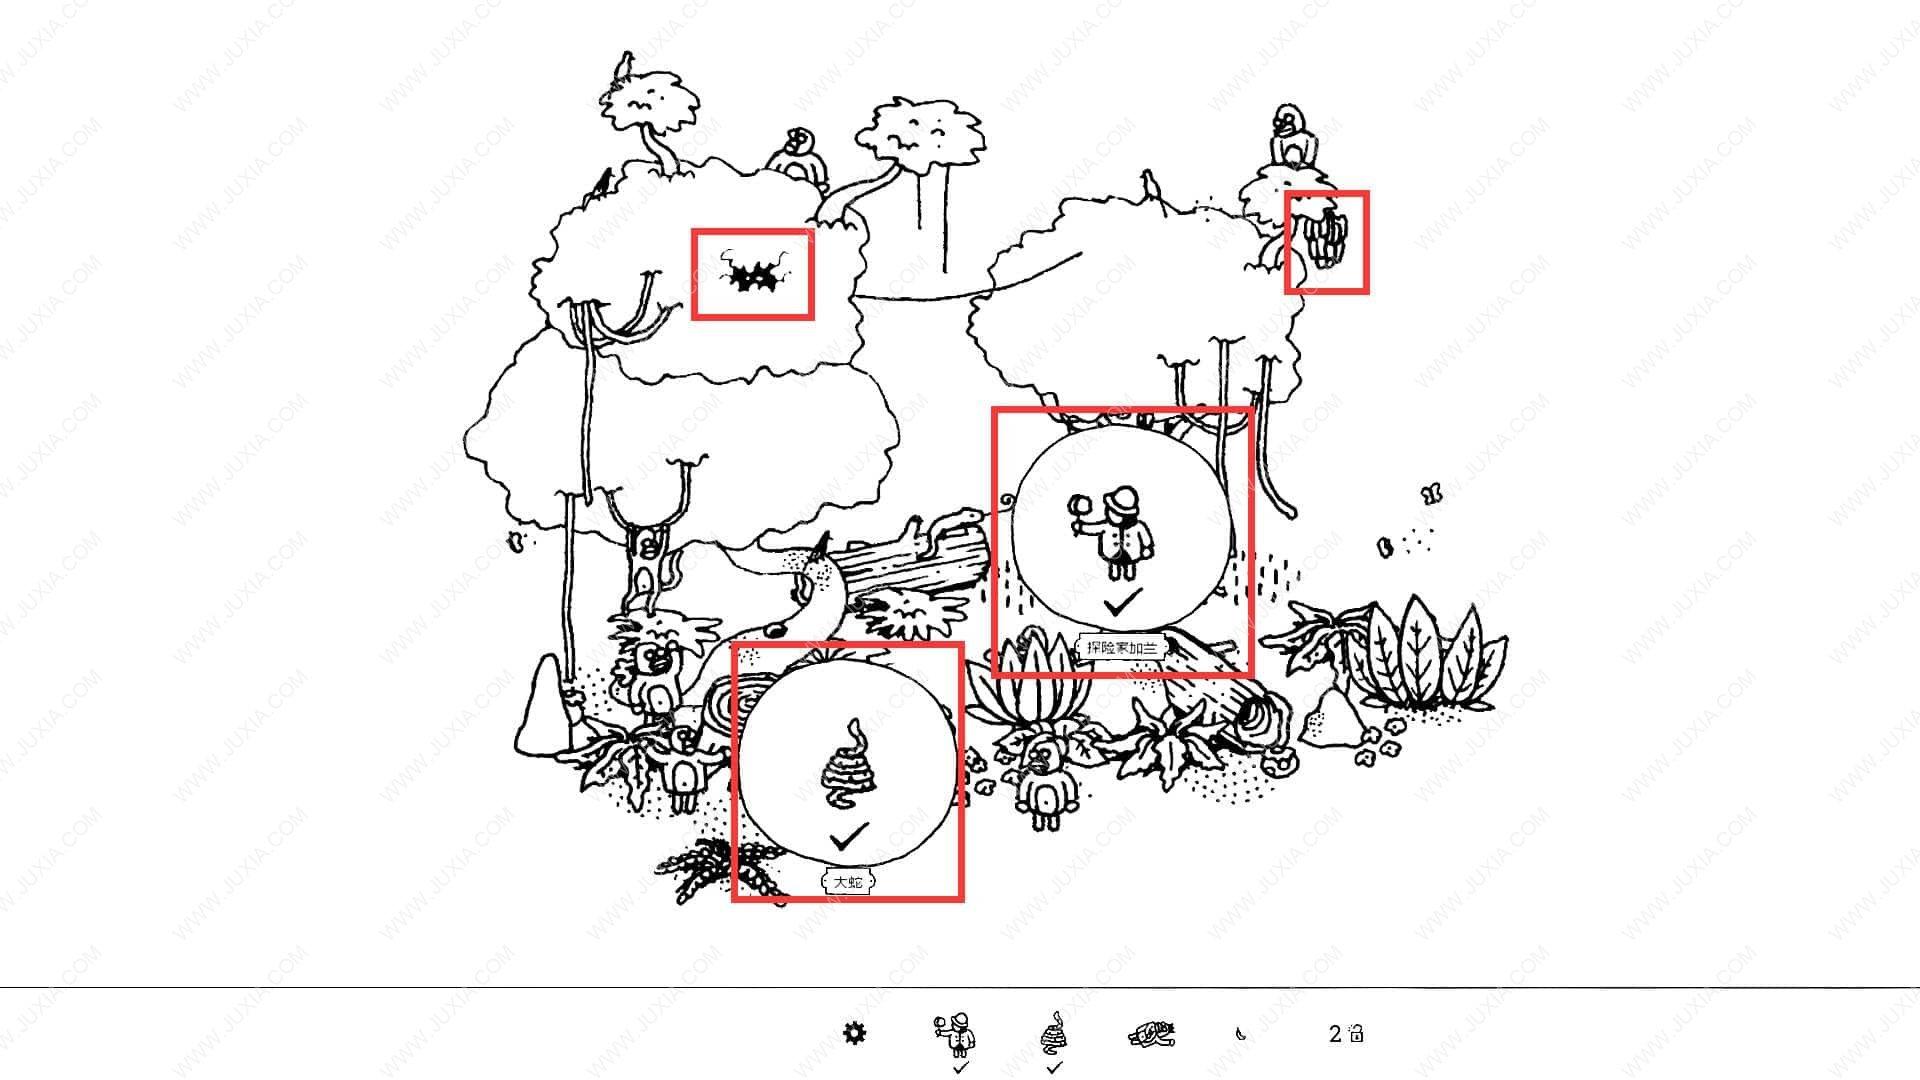 隐藏的家伙攻略图文森林第1关 HiddenFolks图文攻略森林第一关